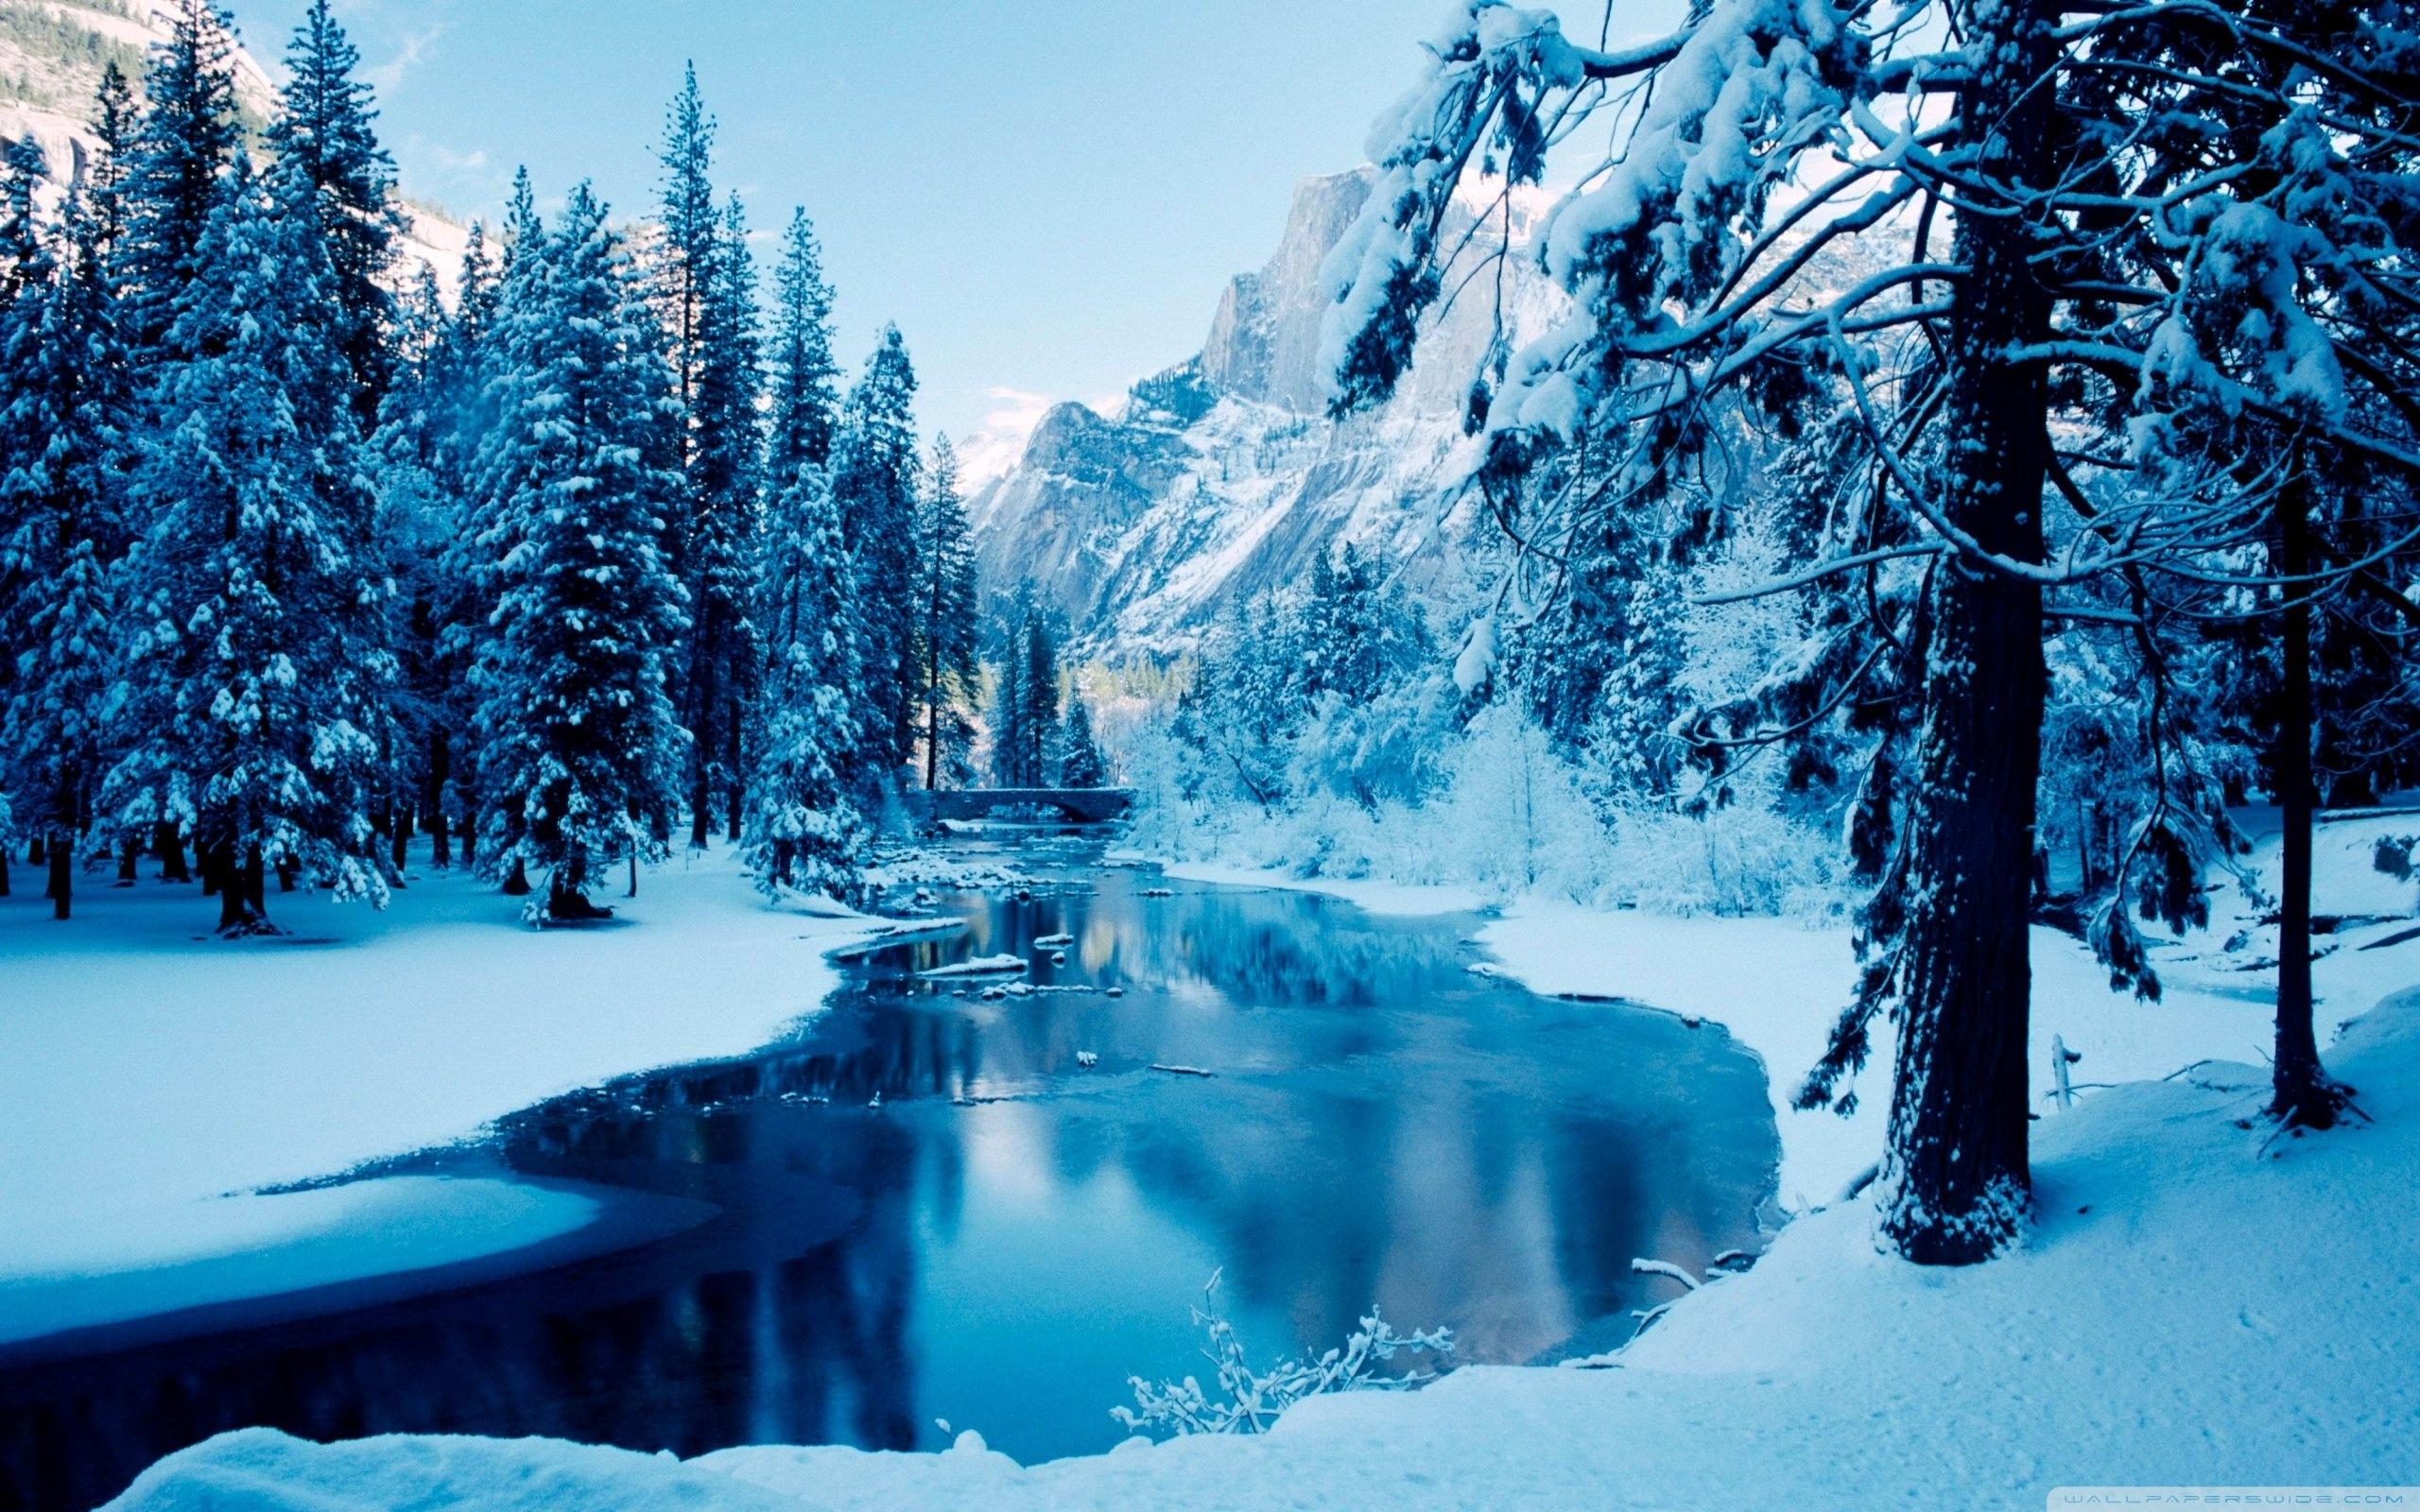 blue winter landscape ❤ 4k hd desktop wallpaper for 4k ultra hd tv